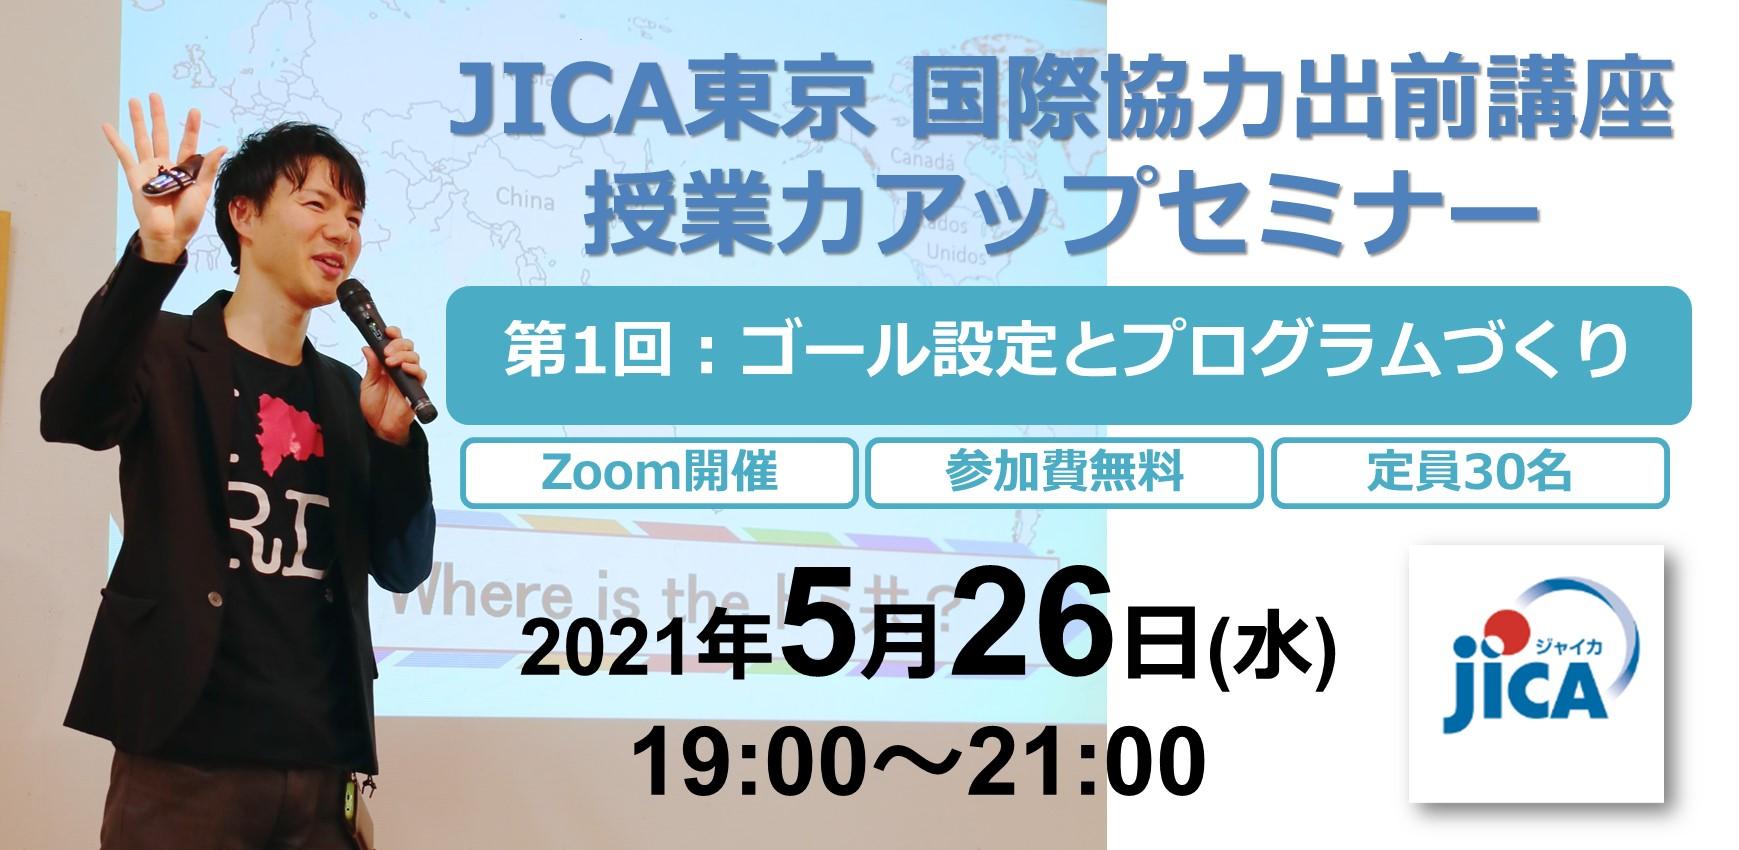 JICA東京 国際協力出前講座 講師向けオンラインセミナーを開催します